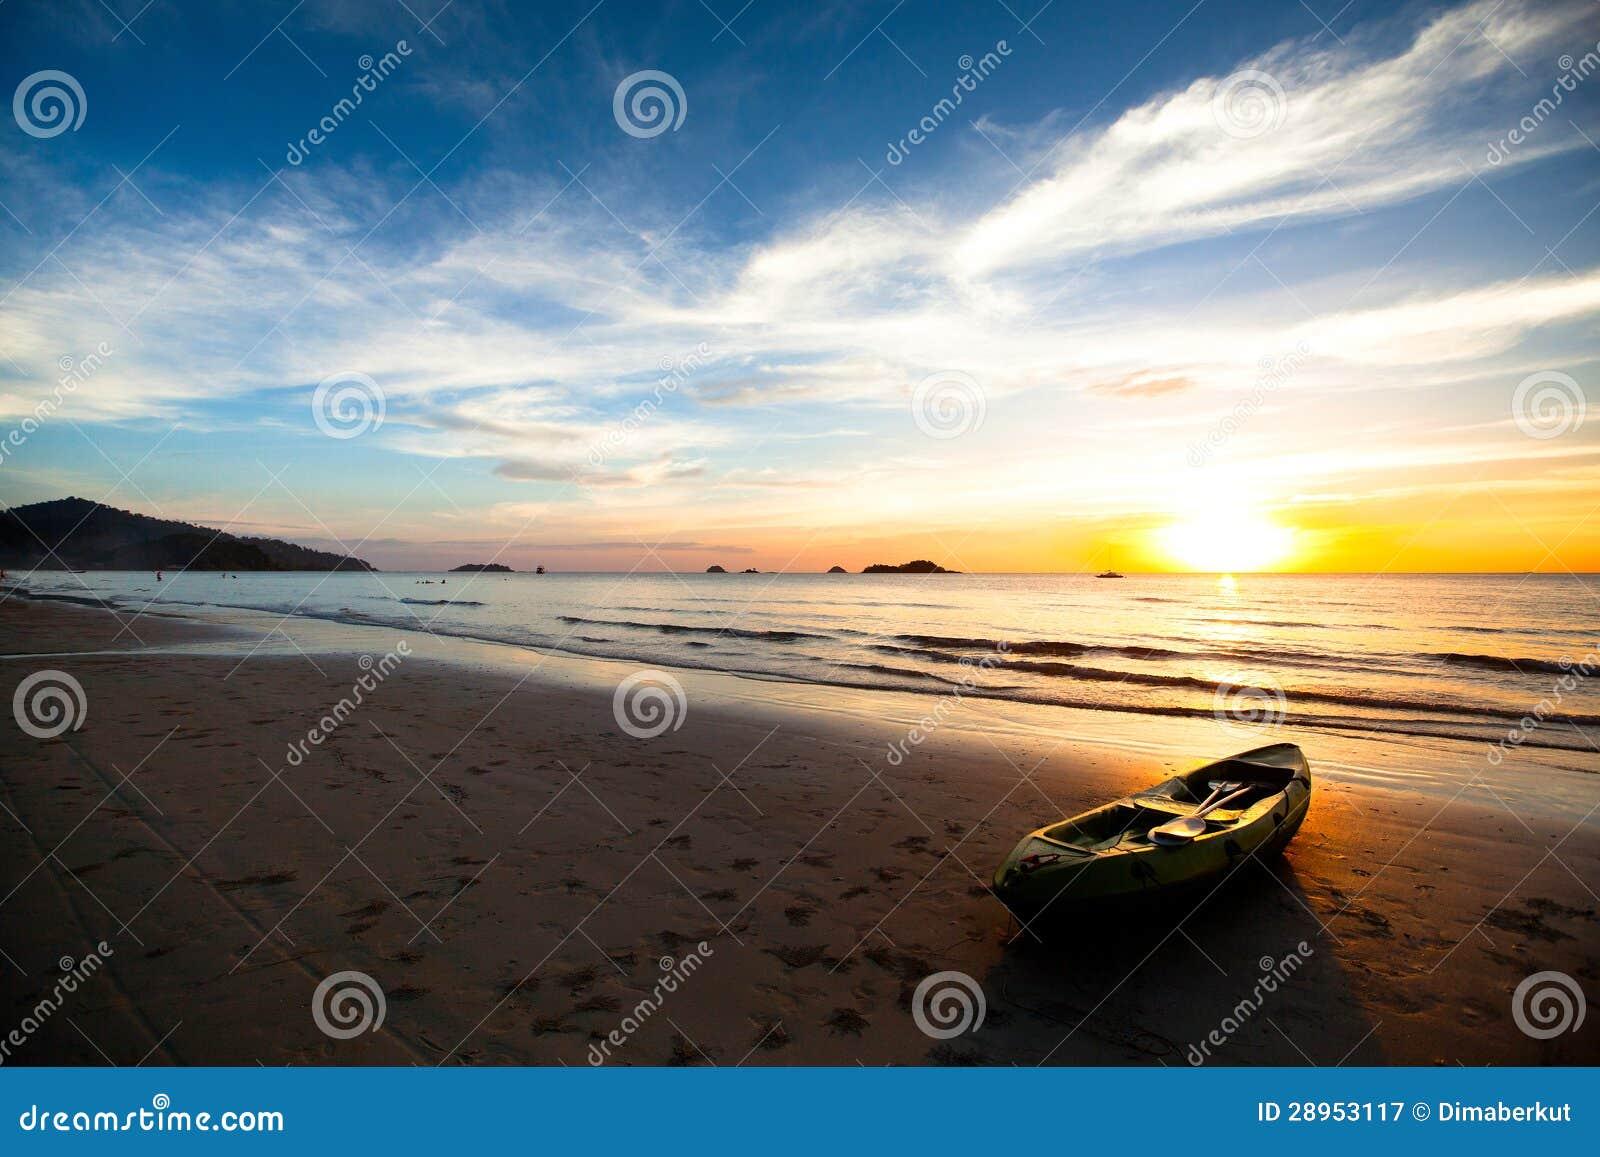 Kajak na plaży przy zmierzchem